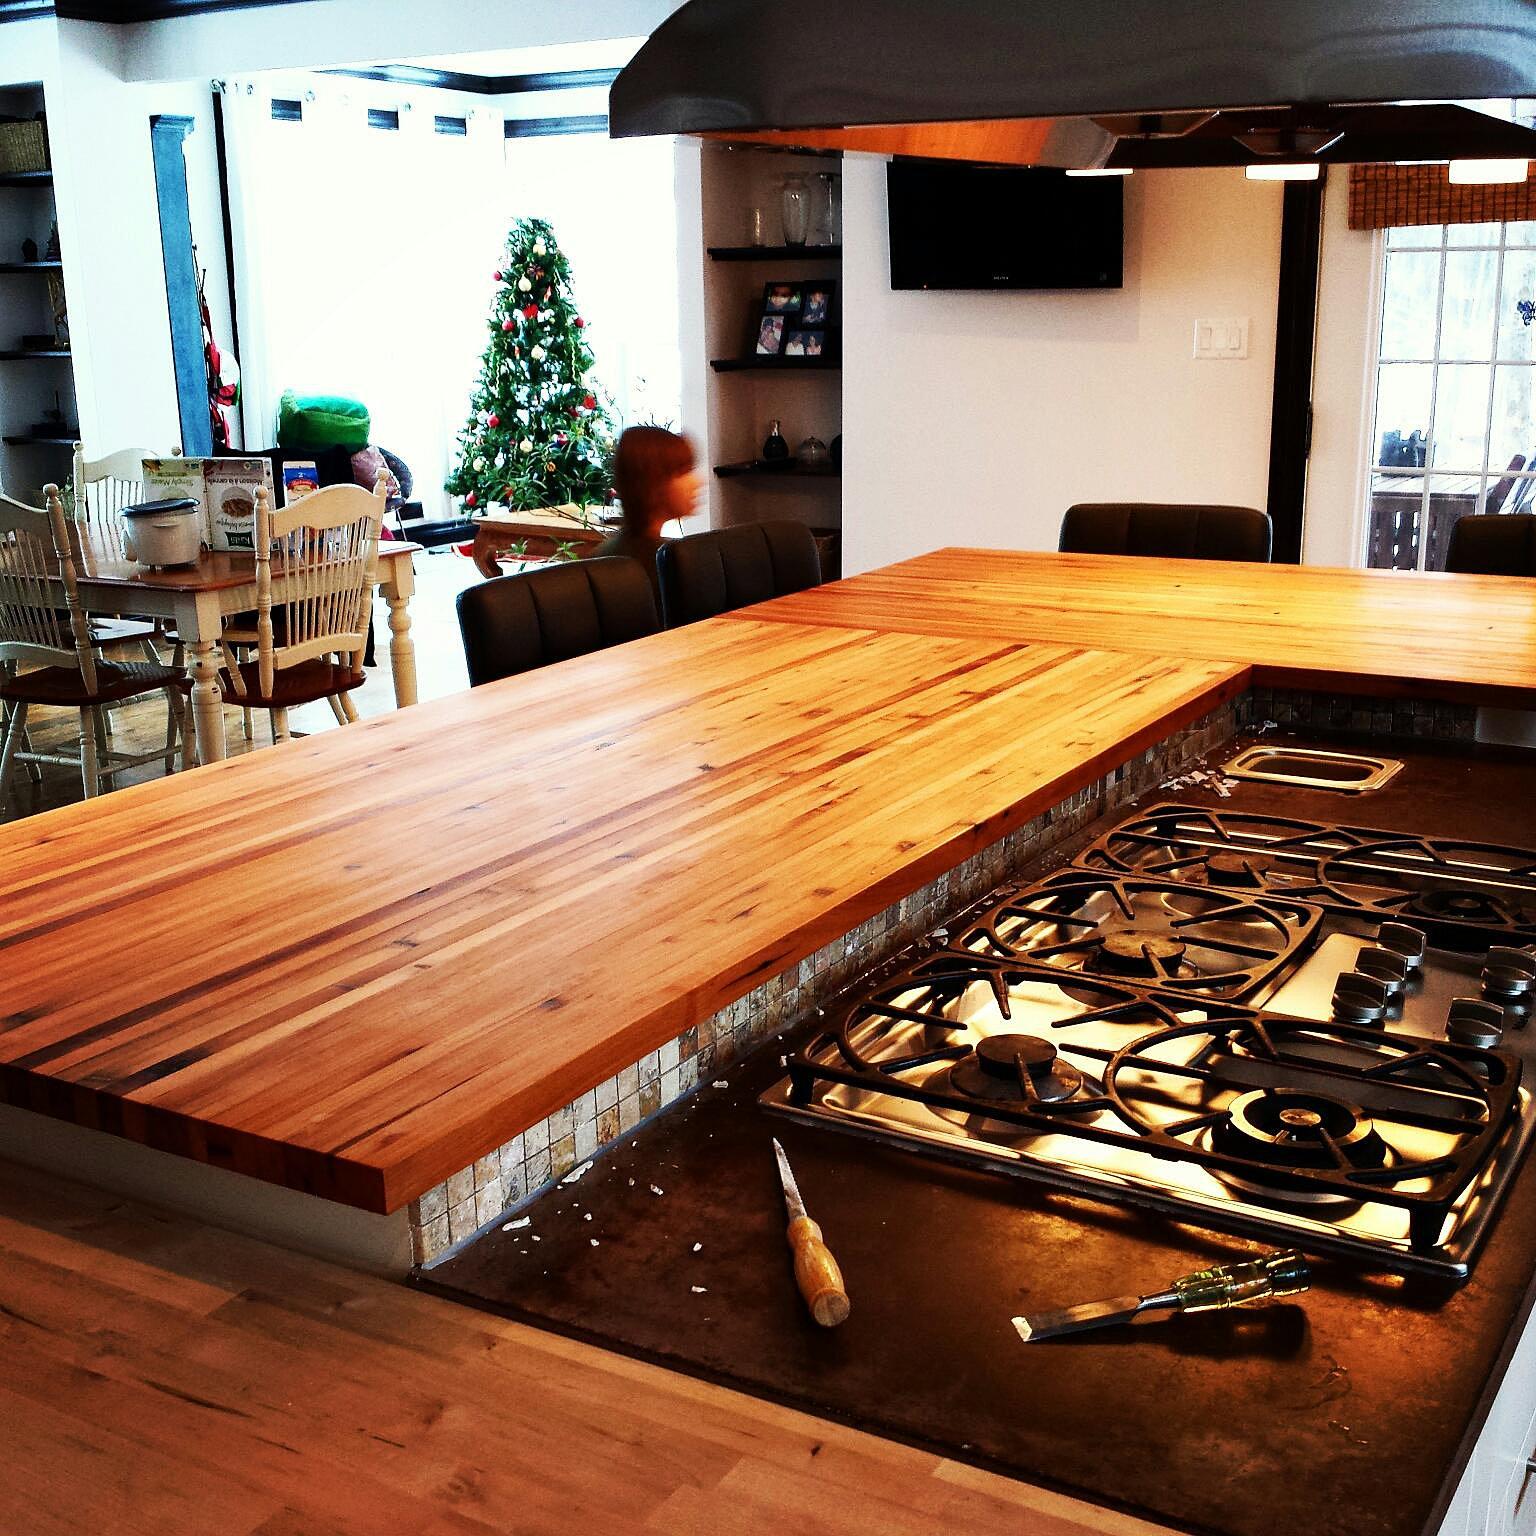 comptoir de cuisine en bois rustique id e inspirante pour la conception de la maison. Black Bedroom Furniture Sets. Home Design Ideas